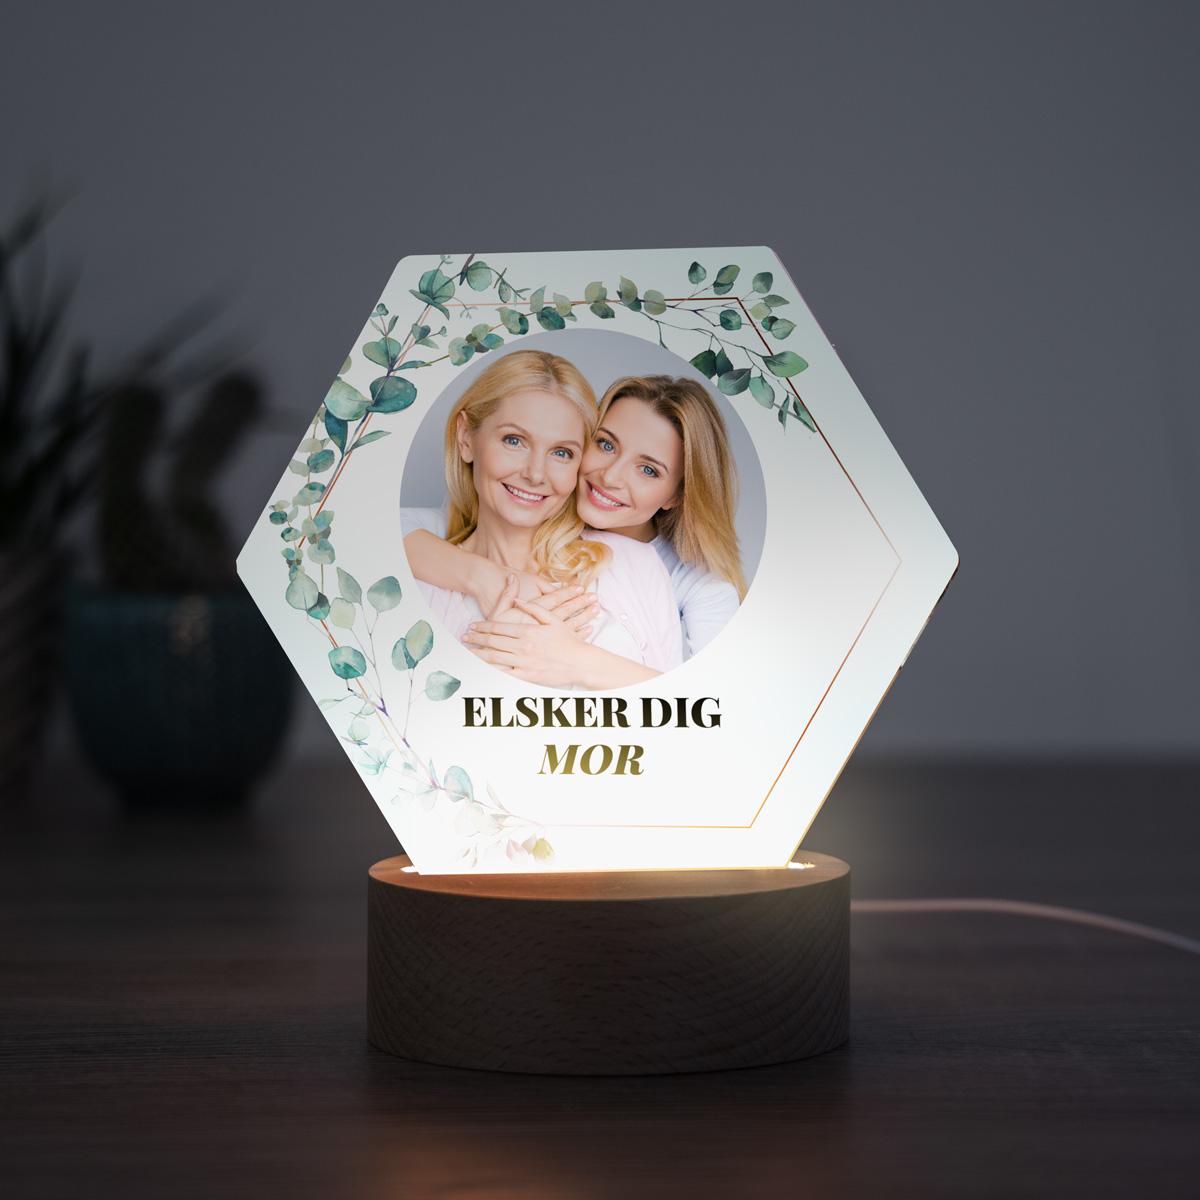 Gave til mor LED-lampe - Blade med billede og tekst